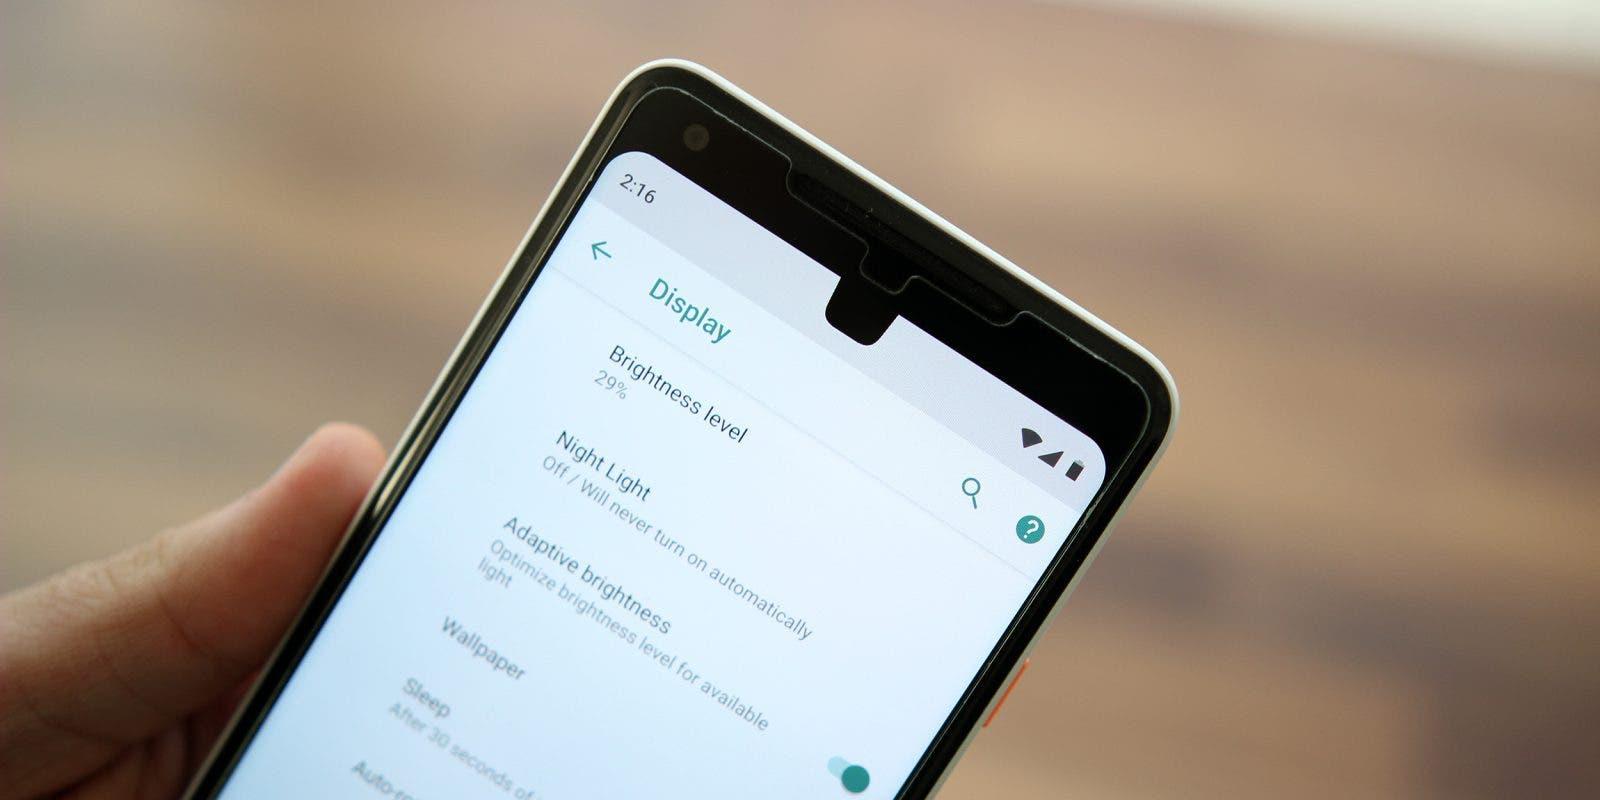 notch de android p 9.0